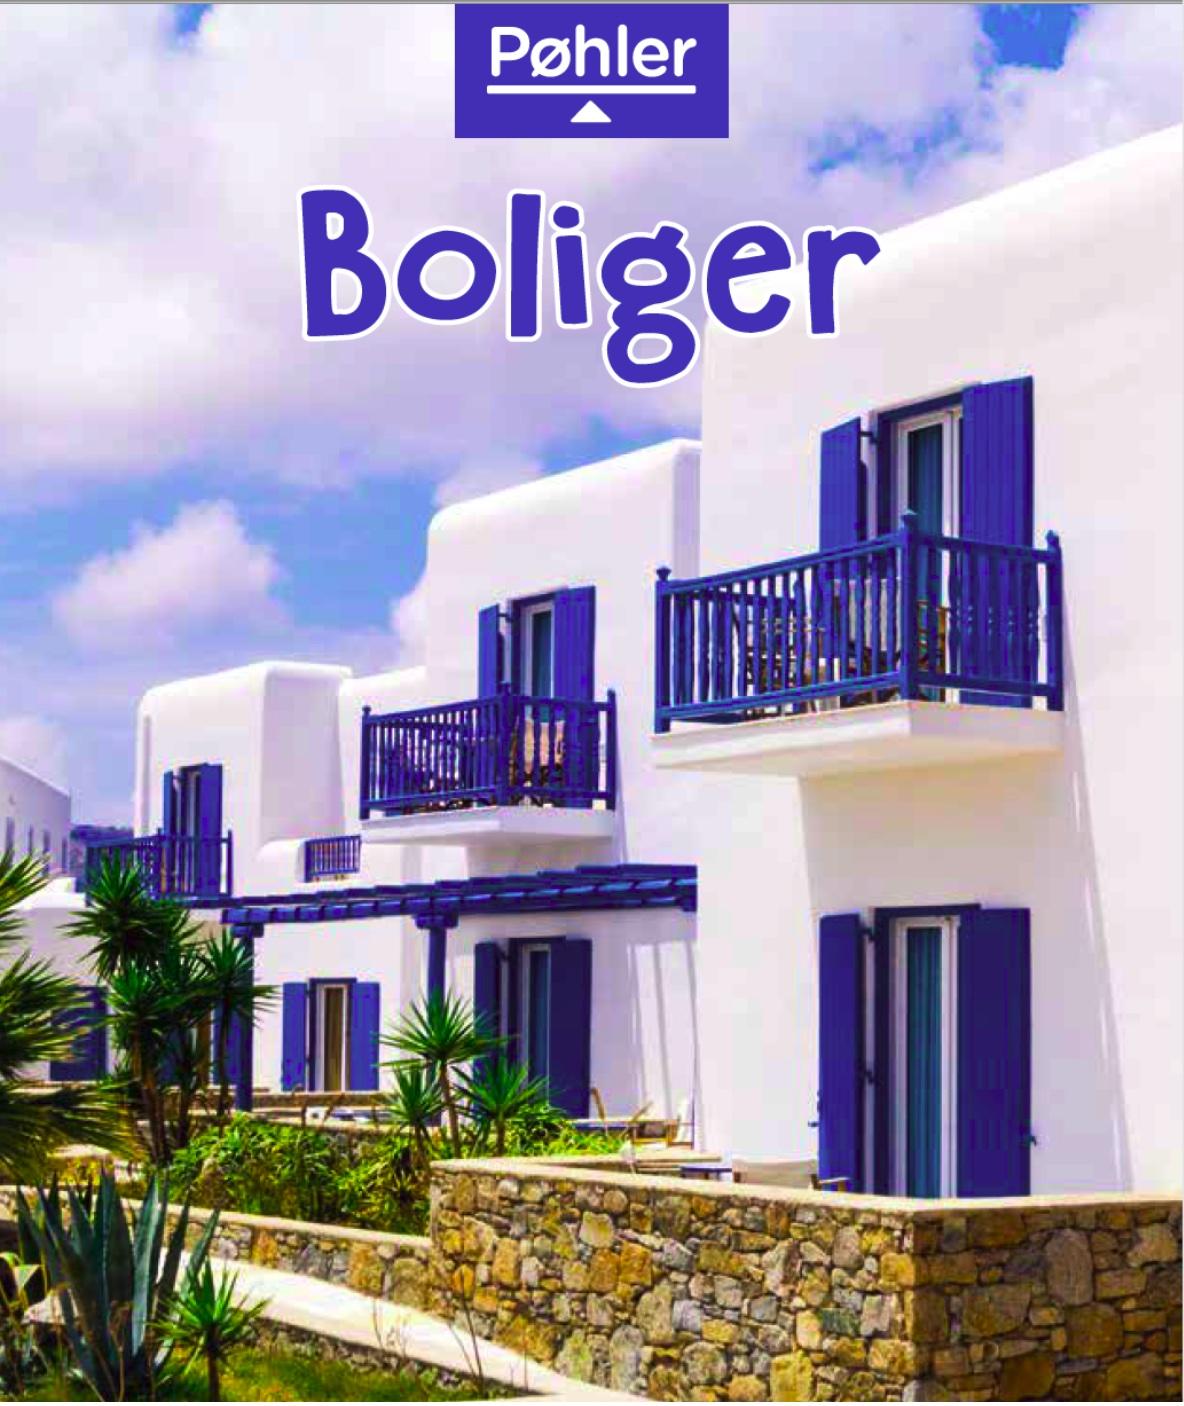 Boliger forside